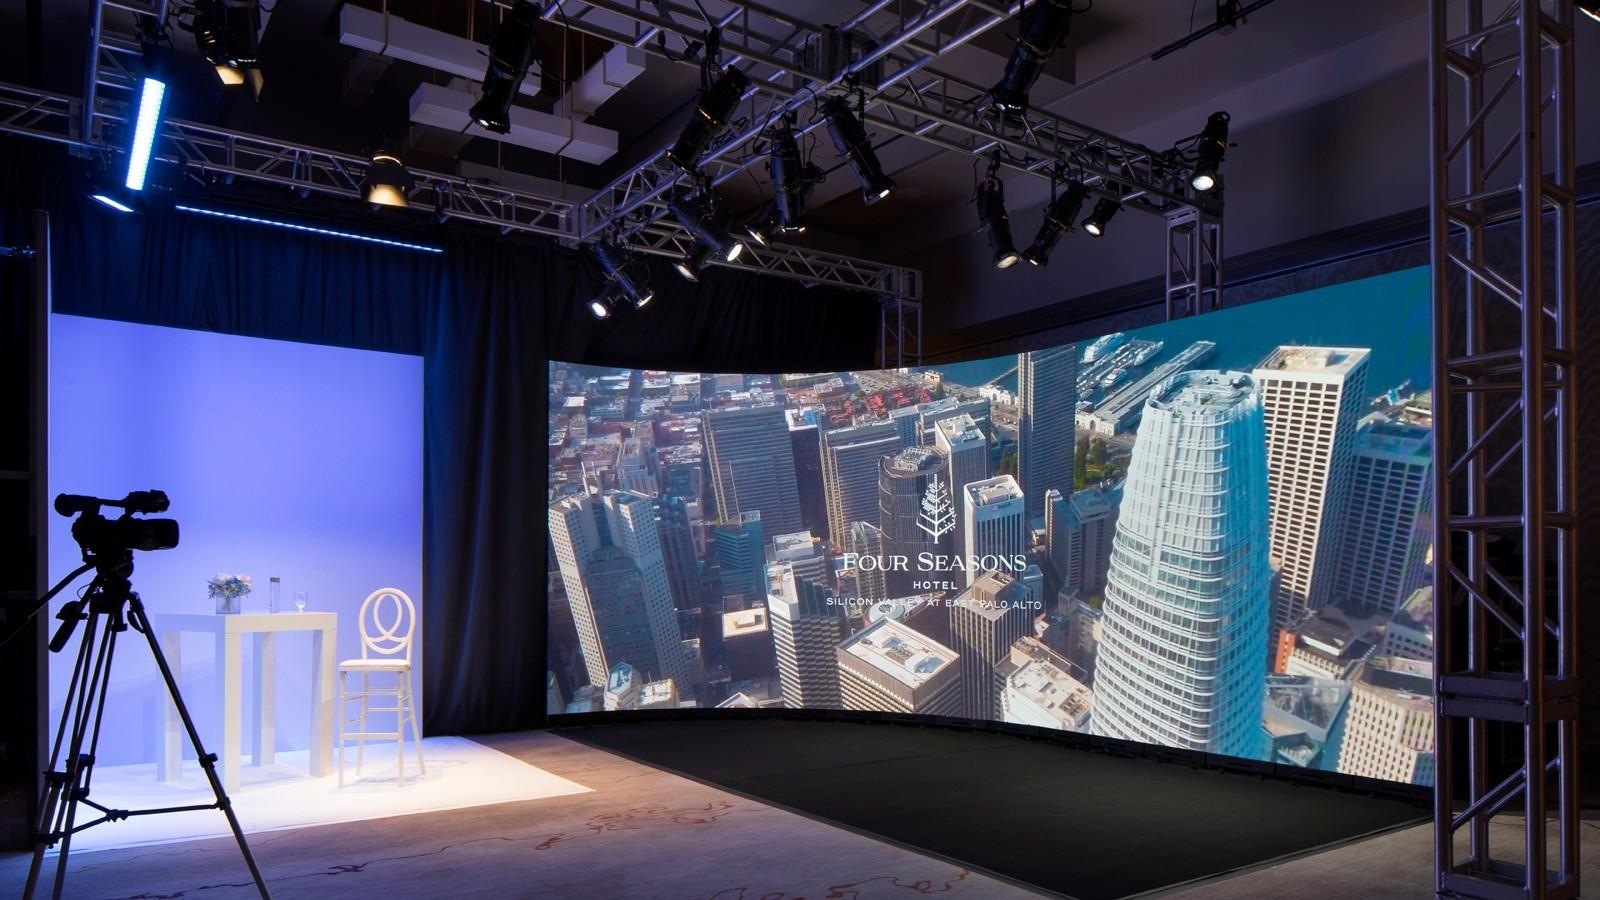 虚拟时代的会议活动:四季酒店集团推出混合会议方案,从此天涯若比邻